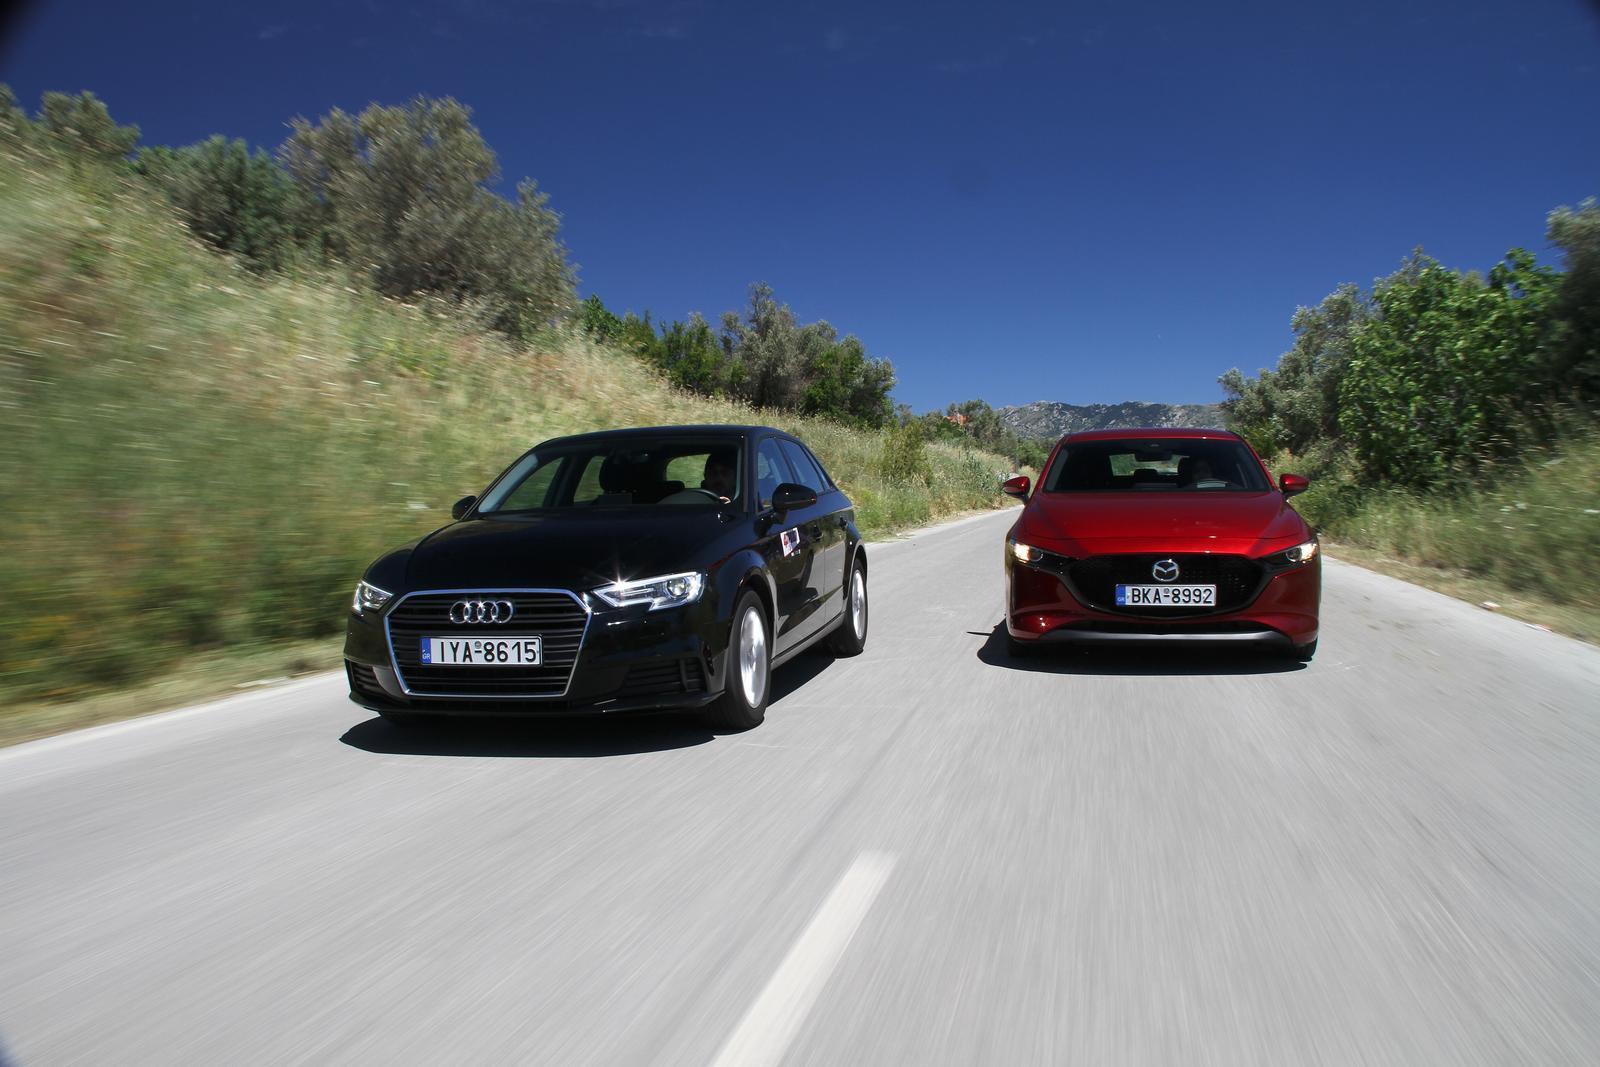 Audi A3 - Ford Focus - Mazda3